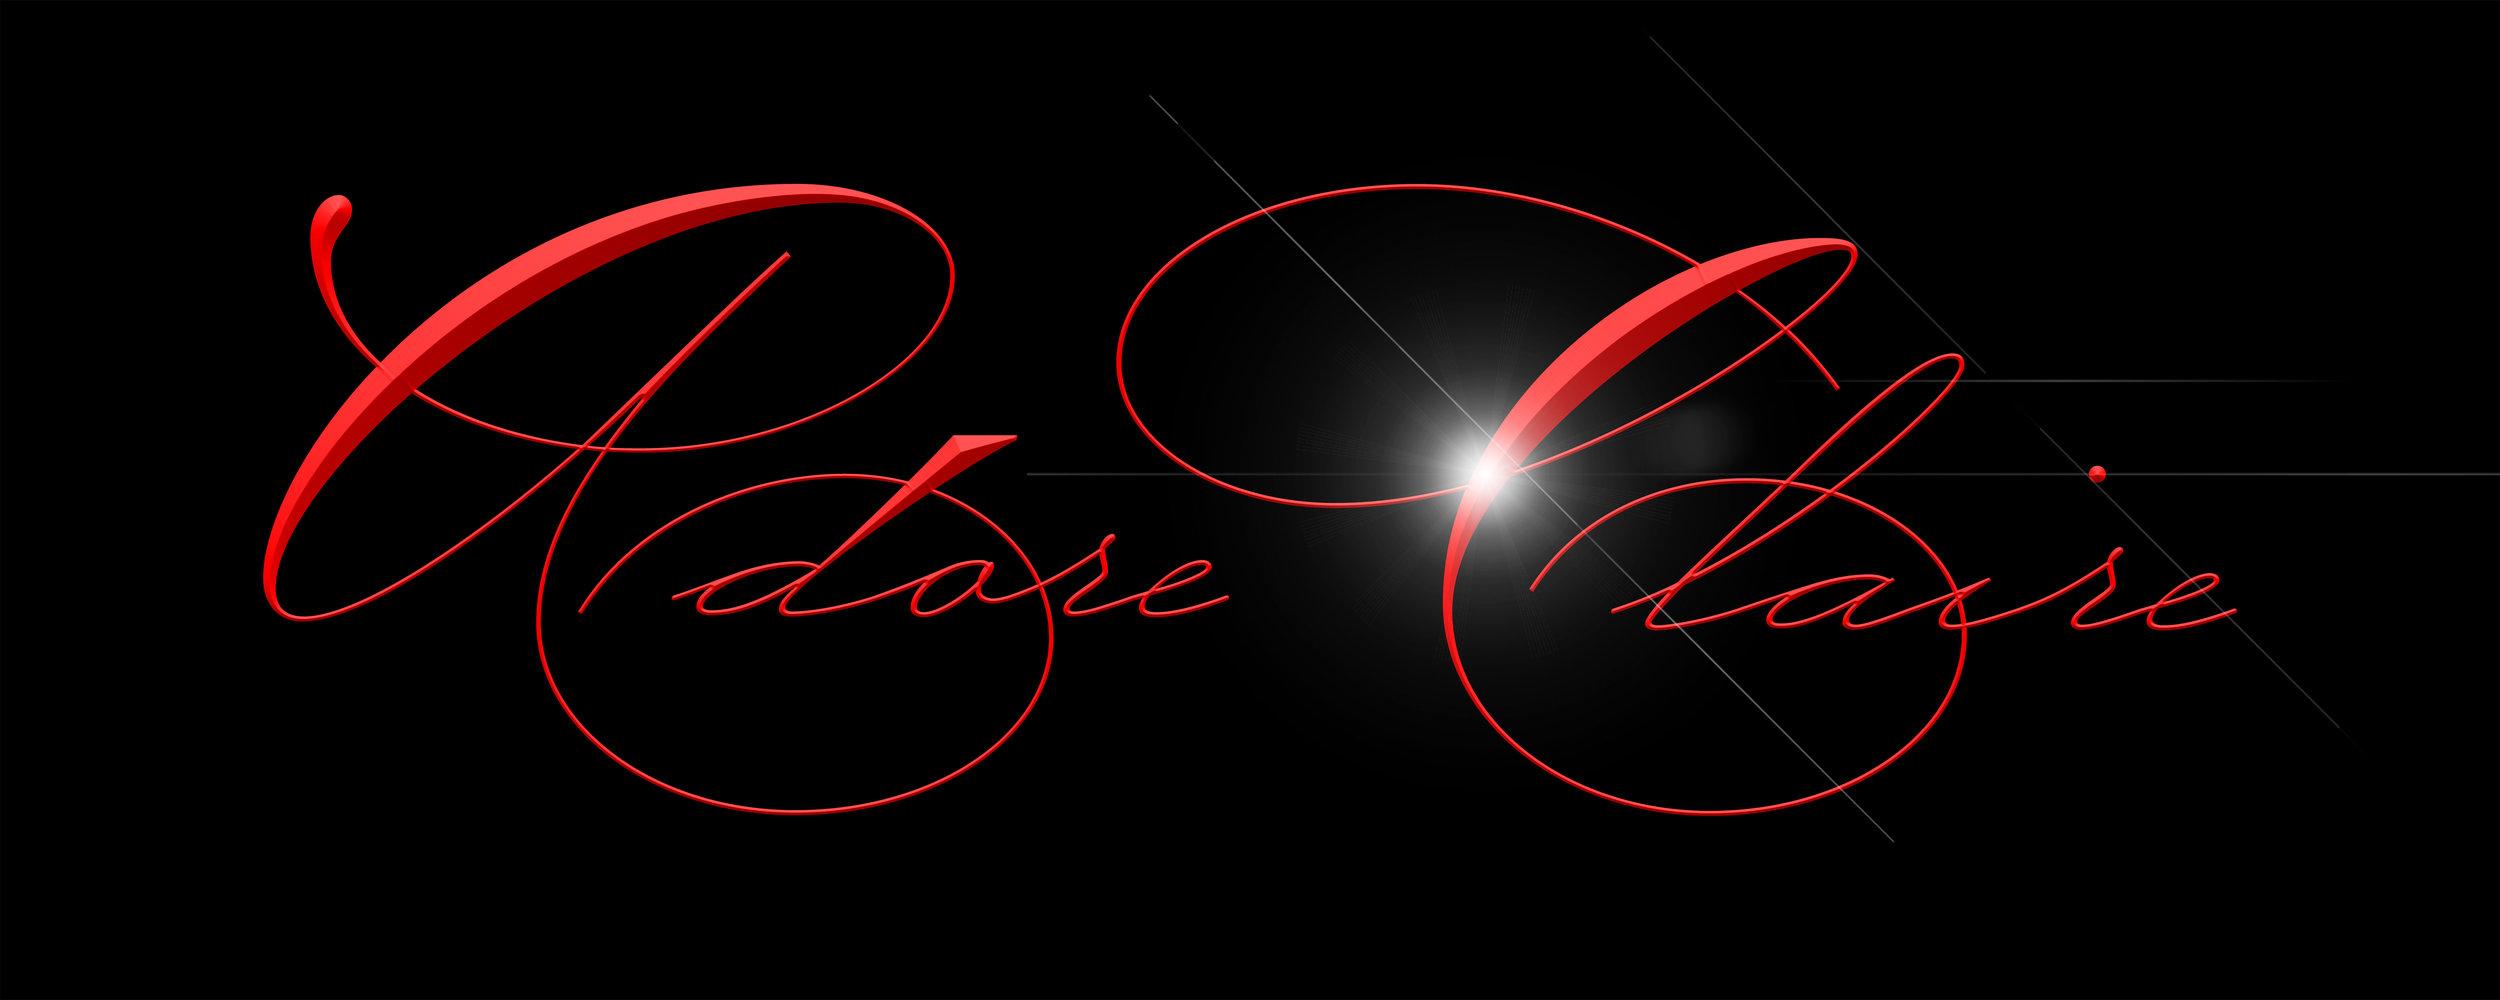 Adore Claire_logo_v6_shirt_front_v2.jpg